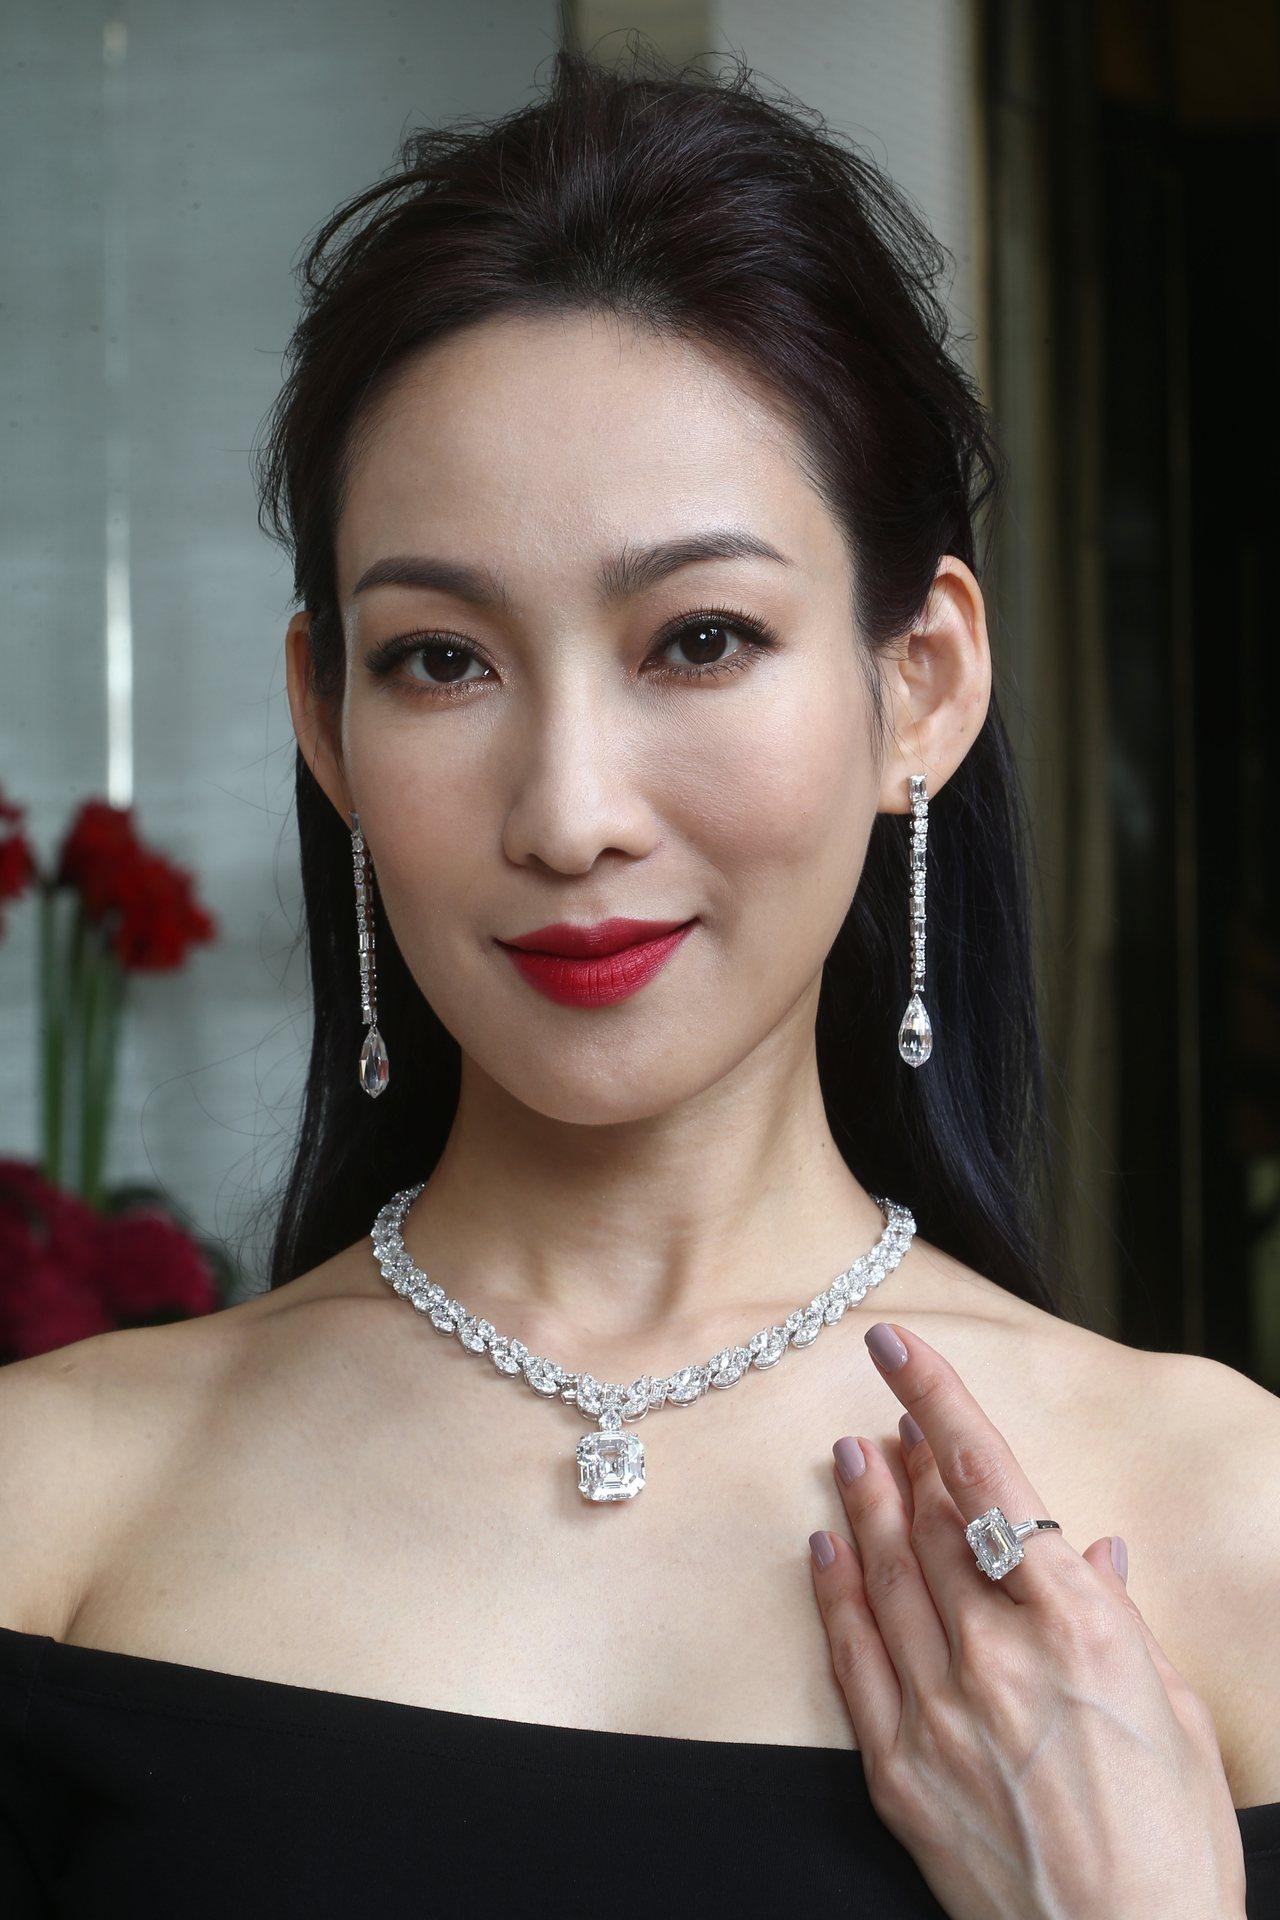 名模展示格拉夫多形切割鑽石項鍊,鑲嵌一顆25.03克拉D色無瑕祖母綠形切割鑽石吊...